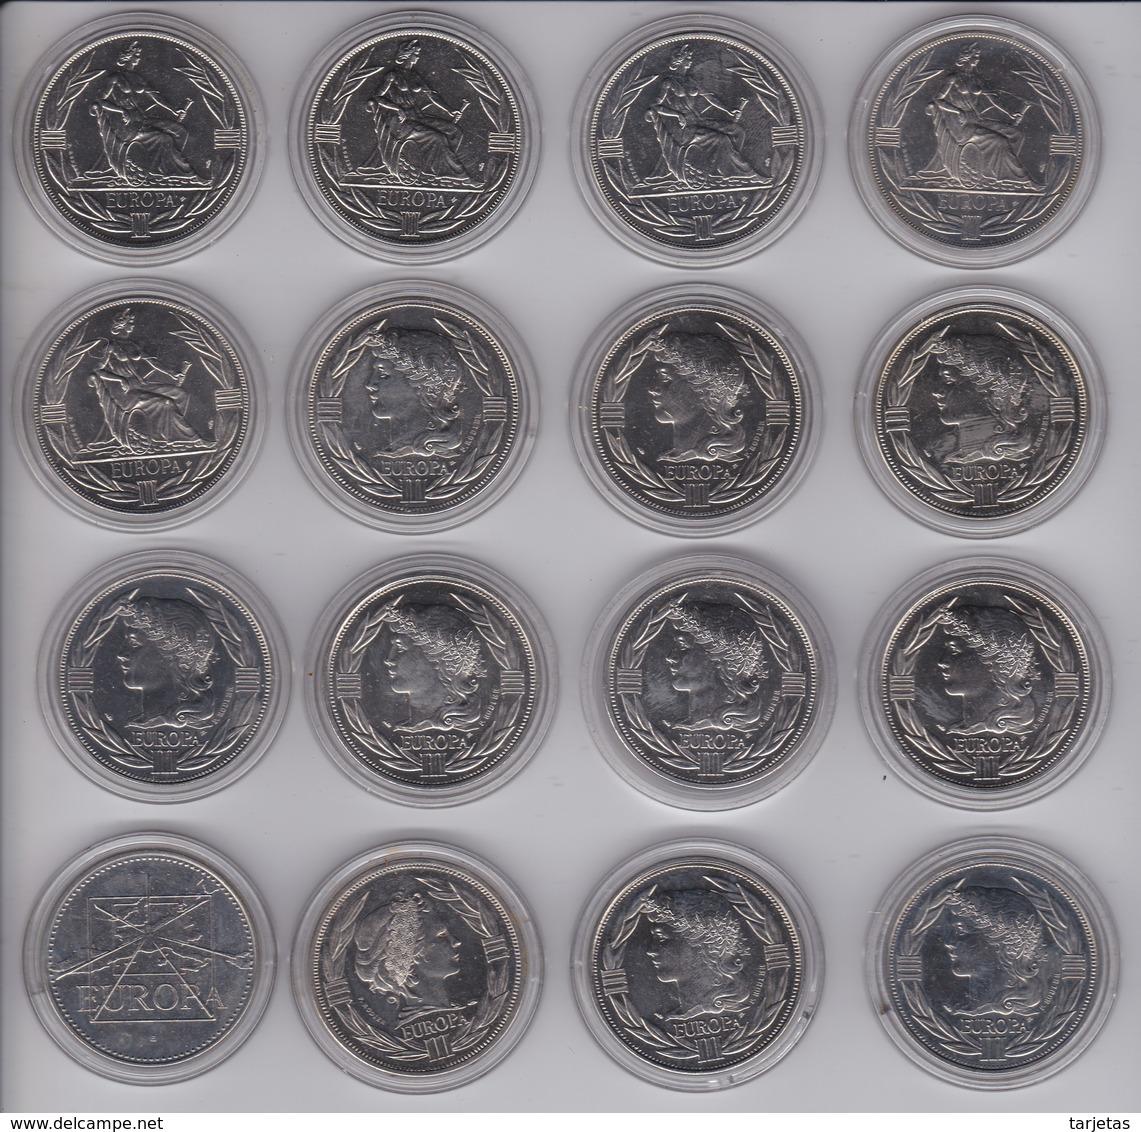 COLECCION COMPLETA DE 16 MONEDAS DE FRANCIA DE ECU DE EUROPA DE LOS AÑOS 1980 A 1995 NUEVAS - Collections